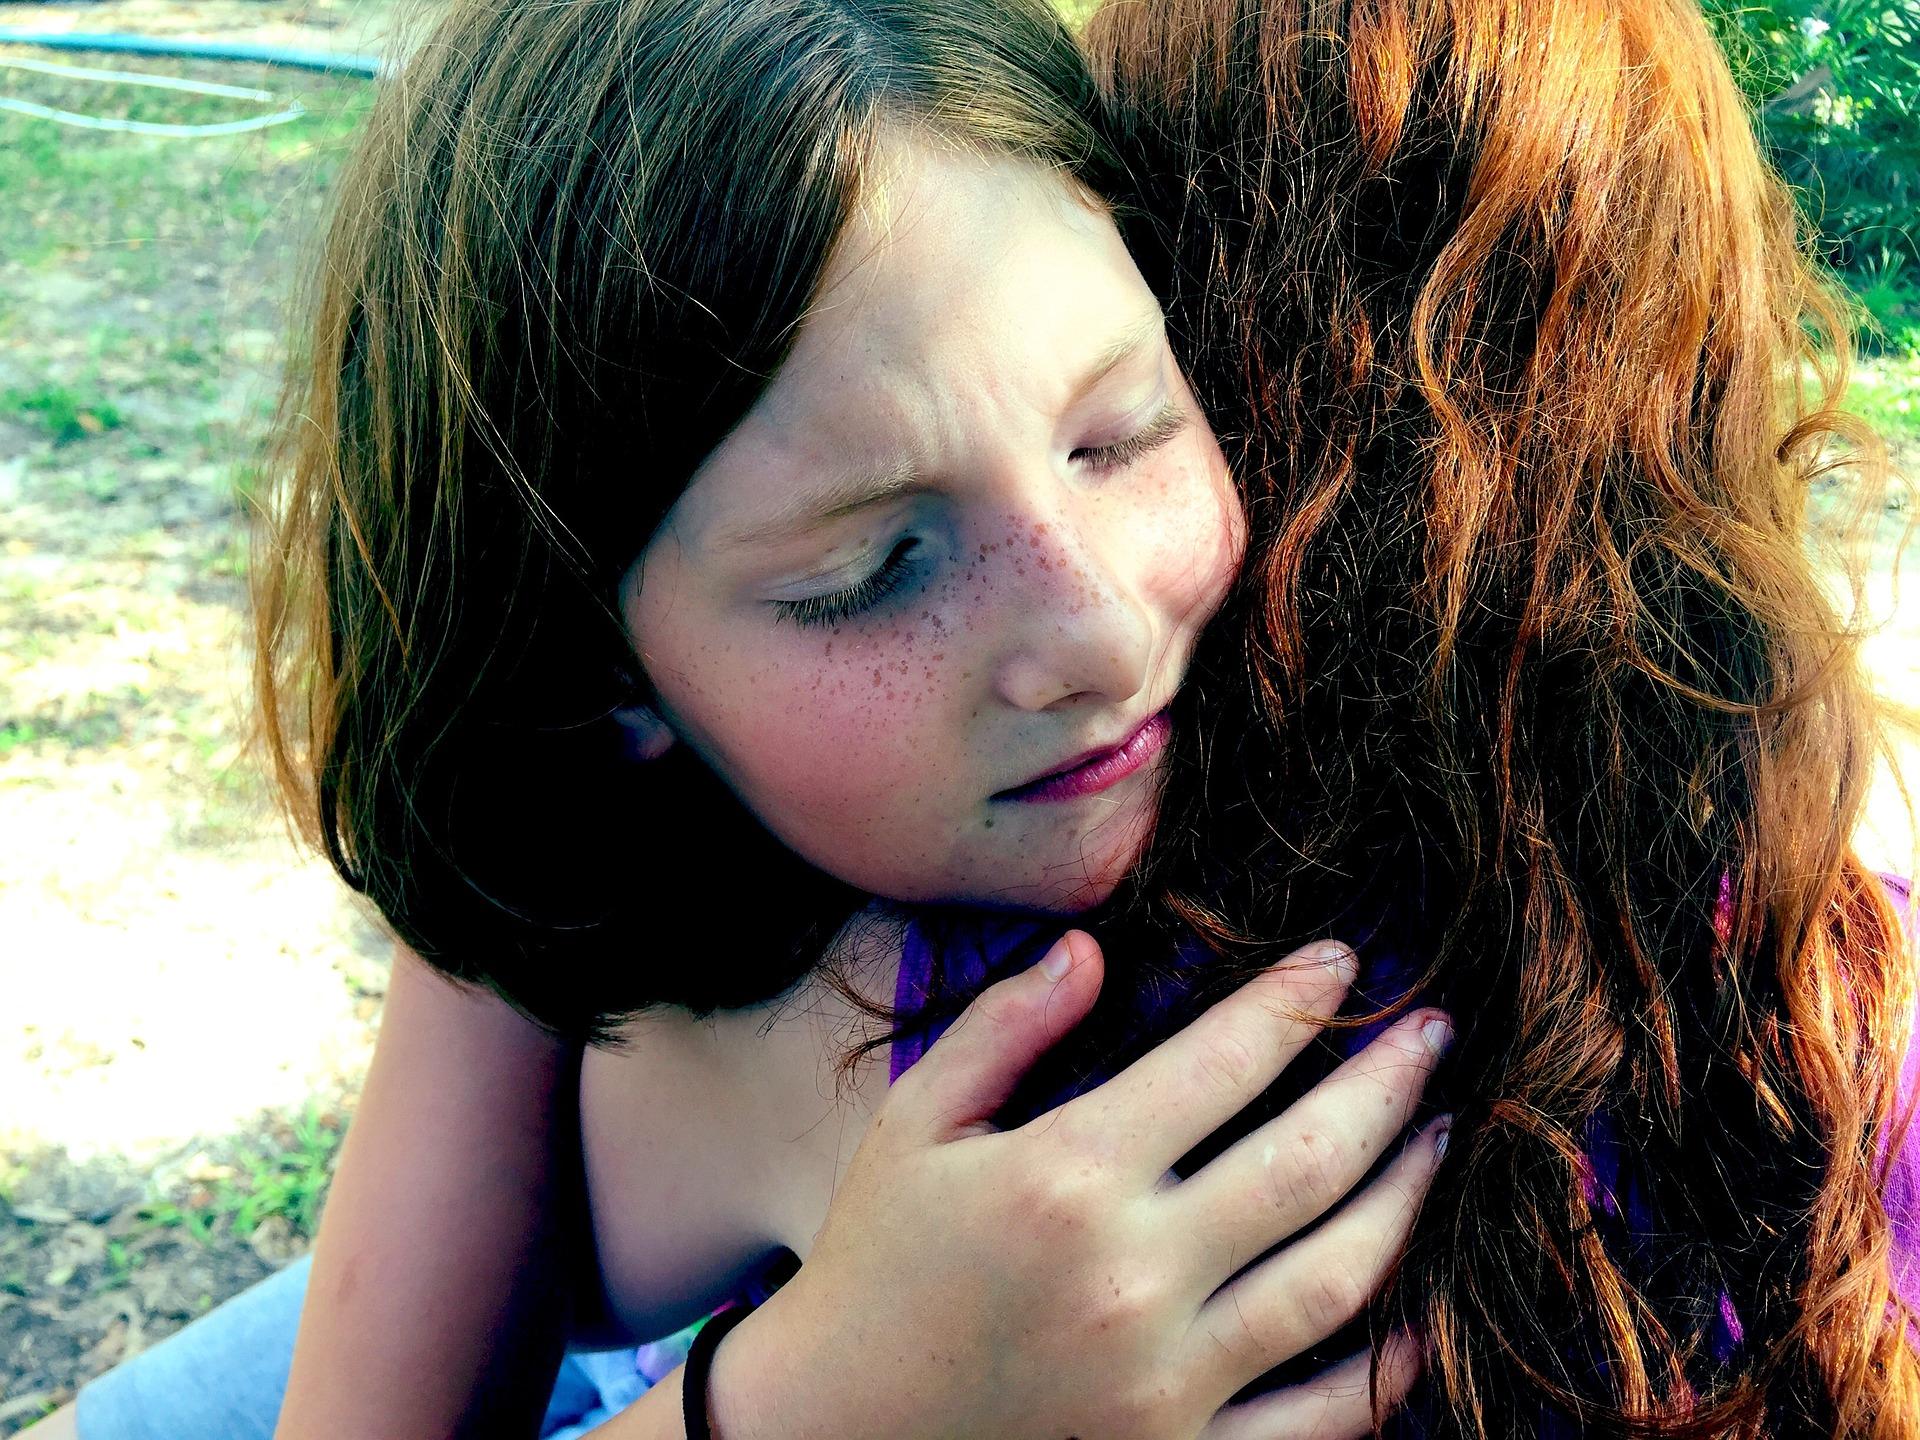 Zdjęcie córki przytulającej się do mamy